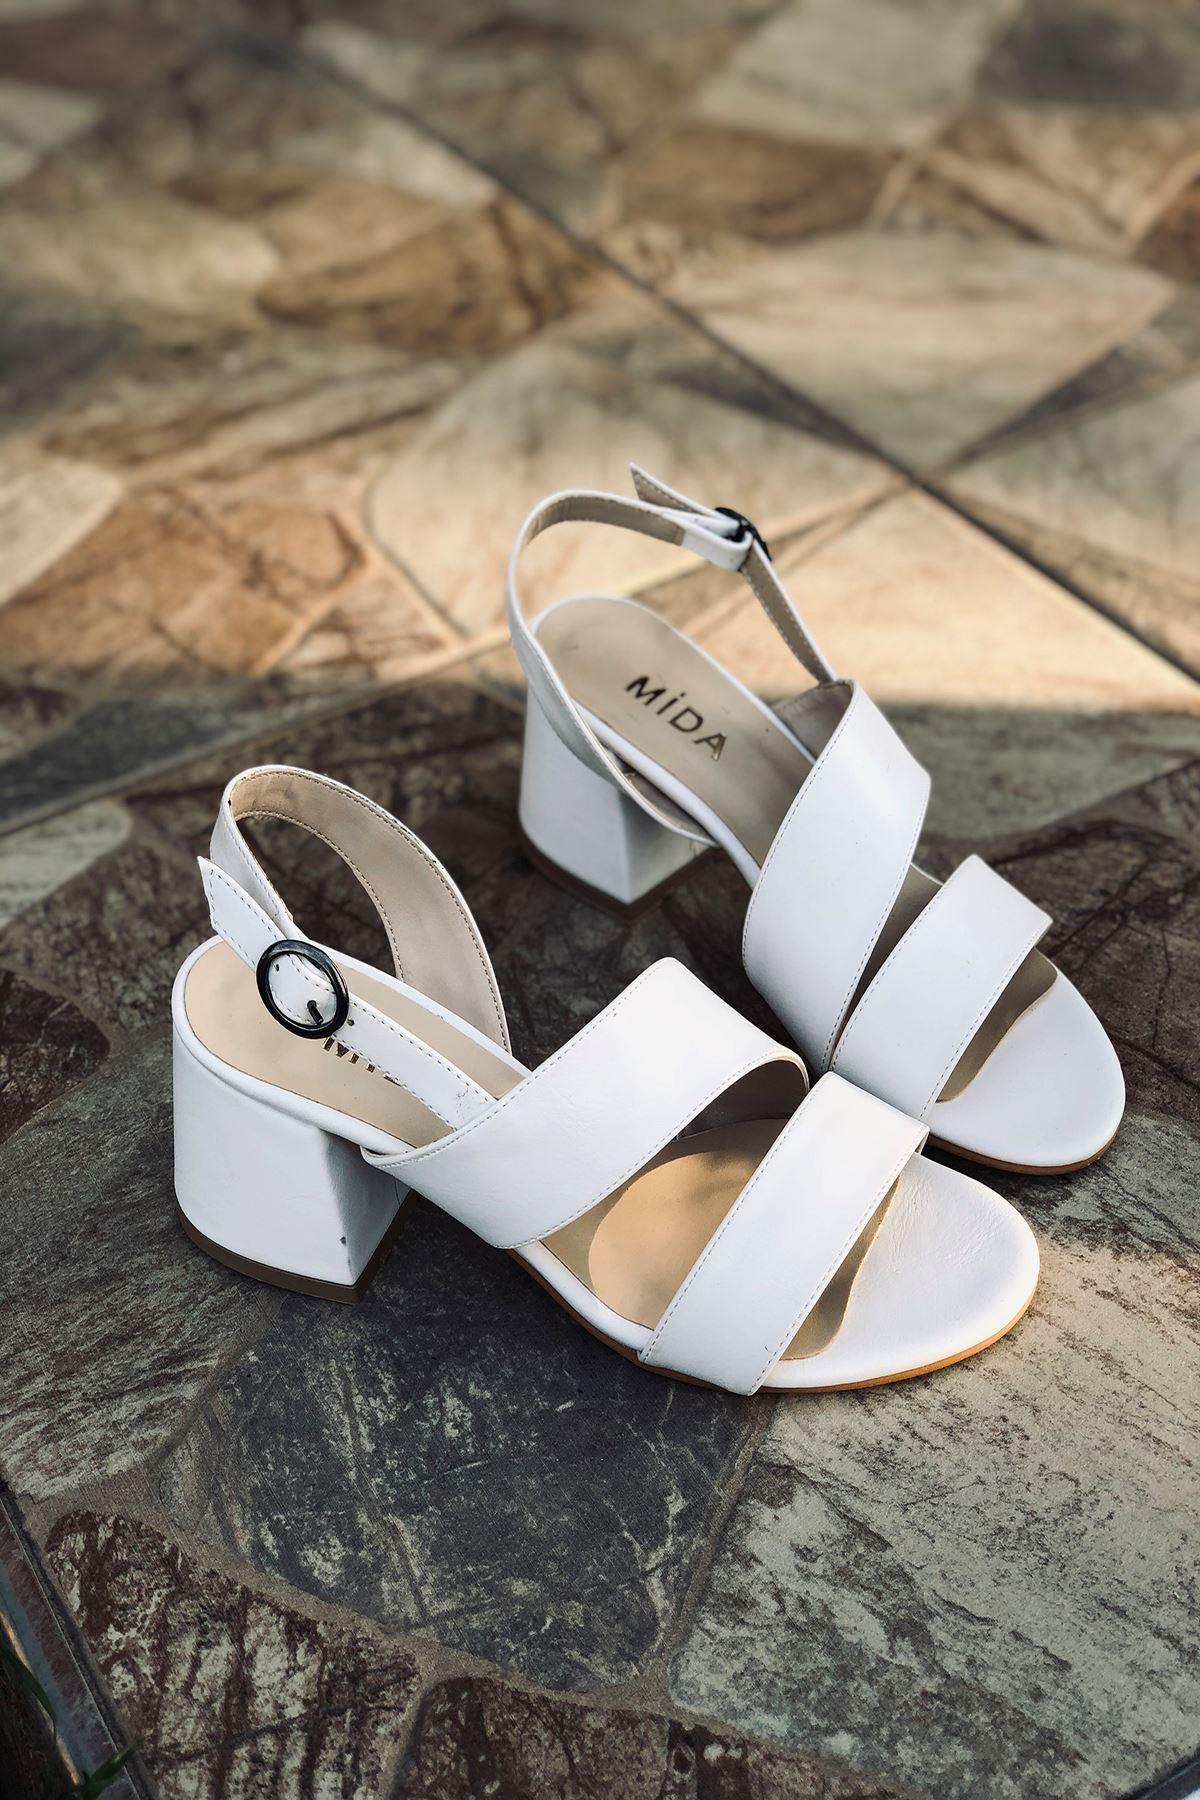 Y502 Beyaz Deri Topuklu Ayakkabı